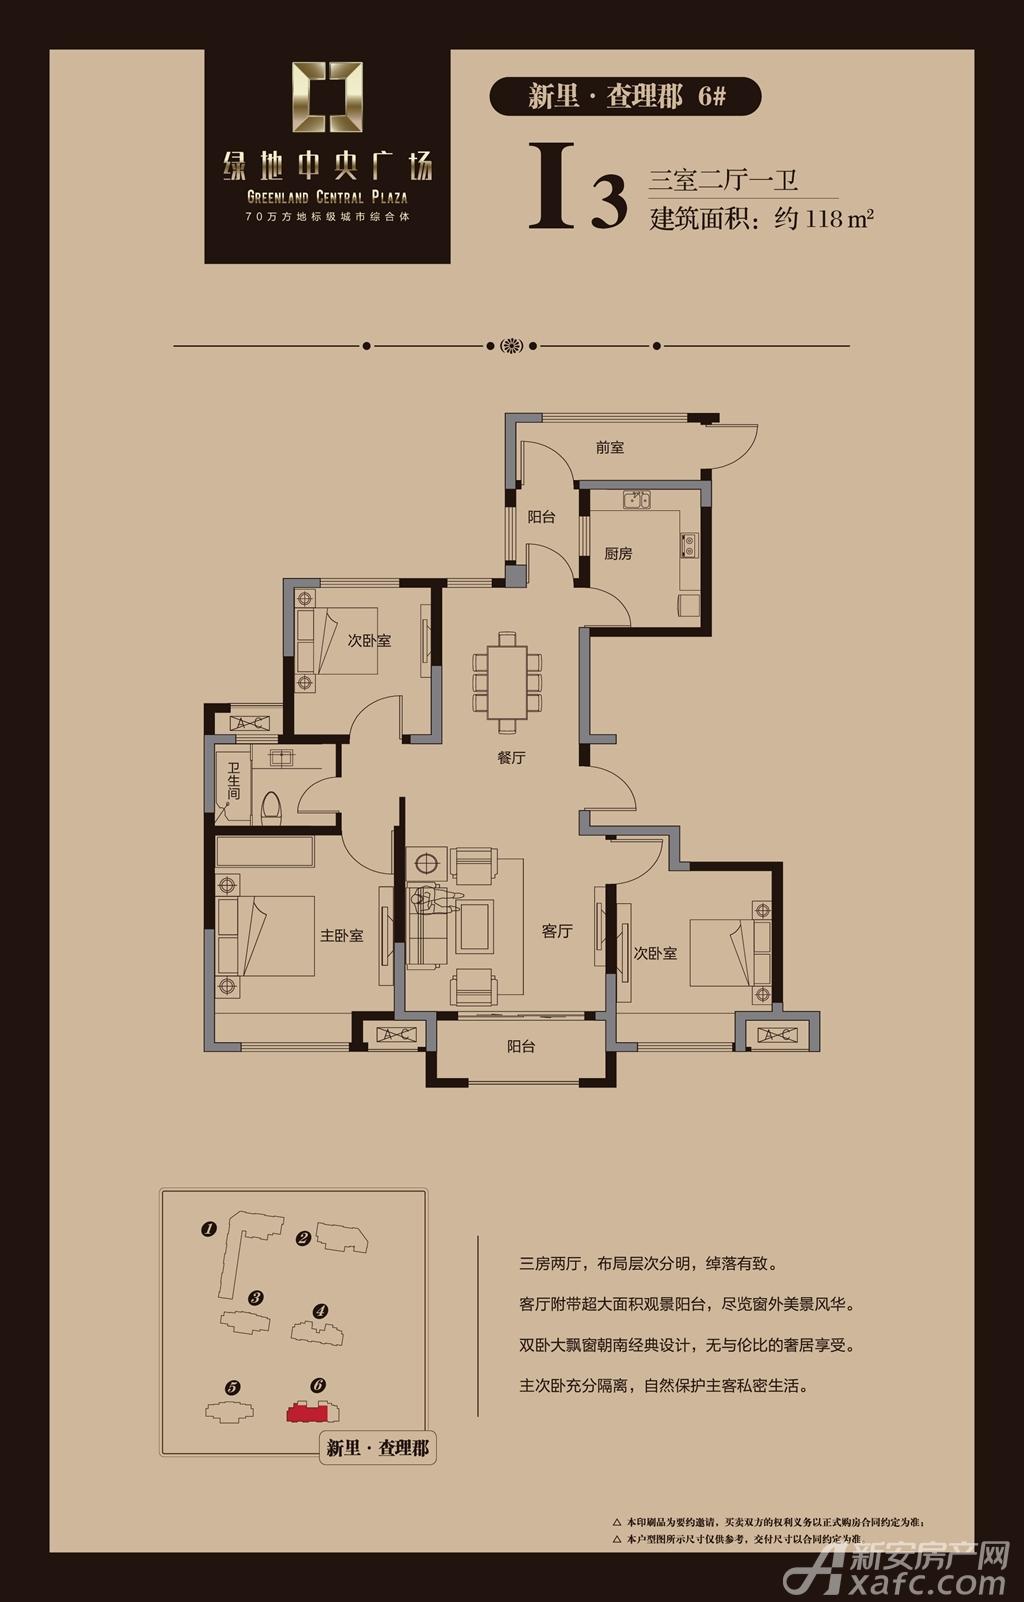 绿地中央广场查理郡I3户型3室2厅118平米